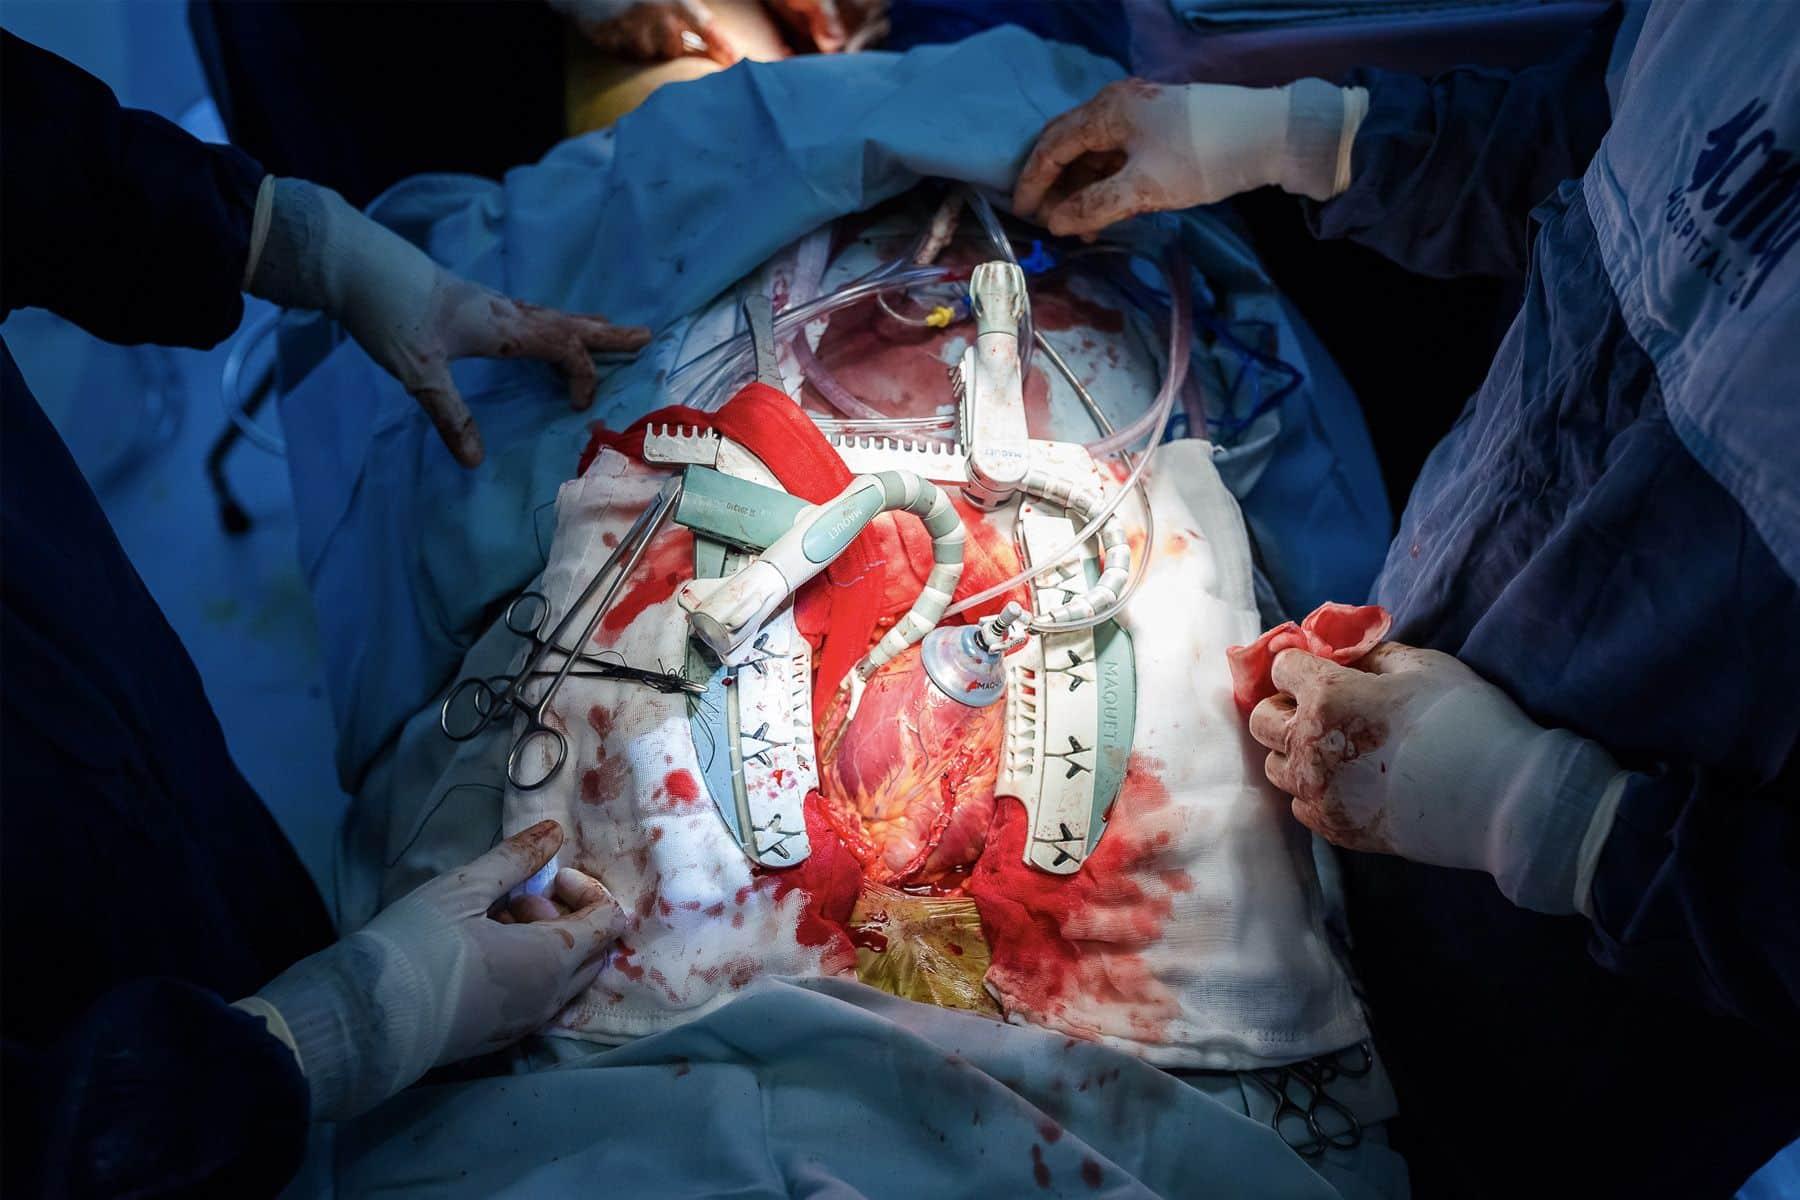 Cirugía de bypass coronario